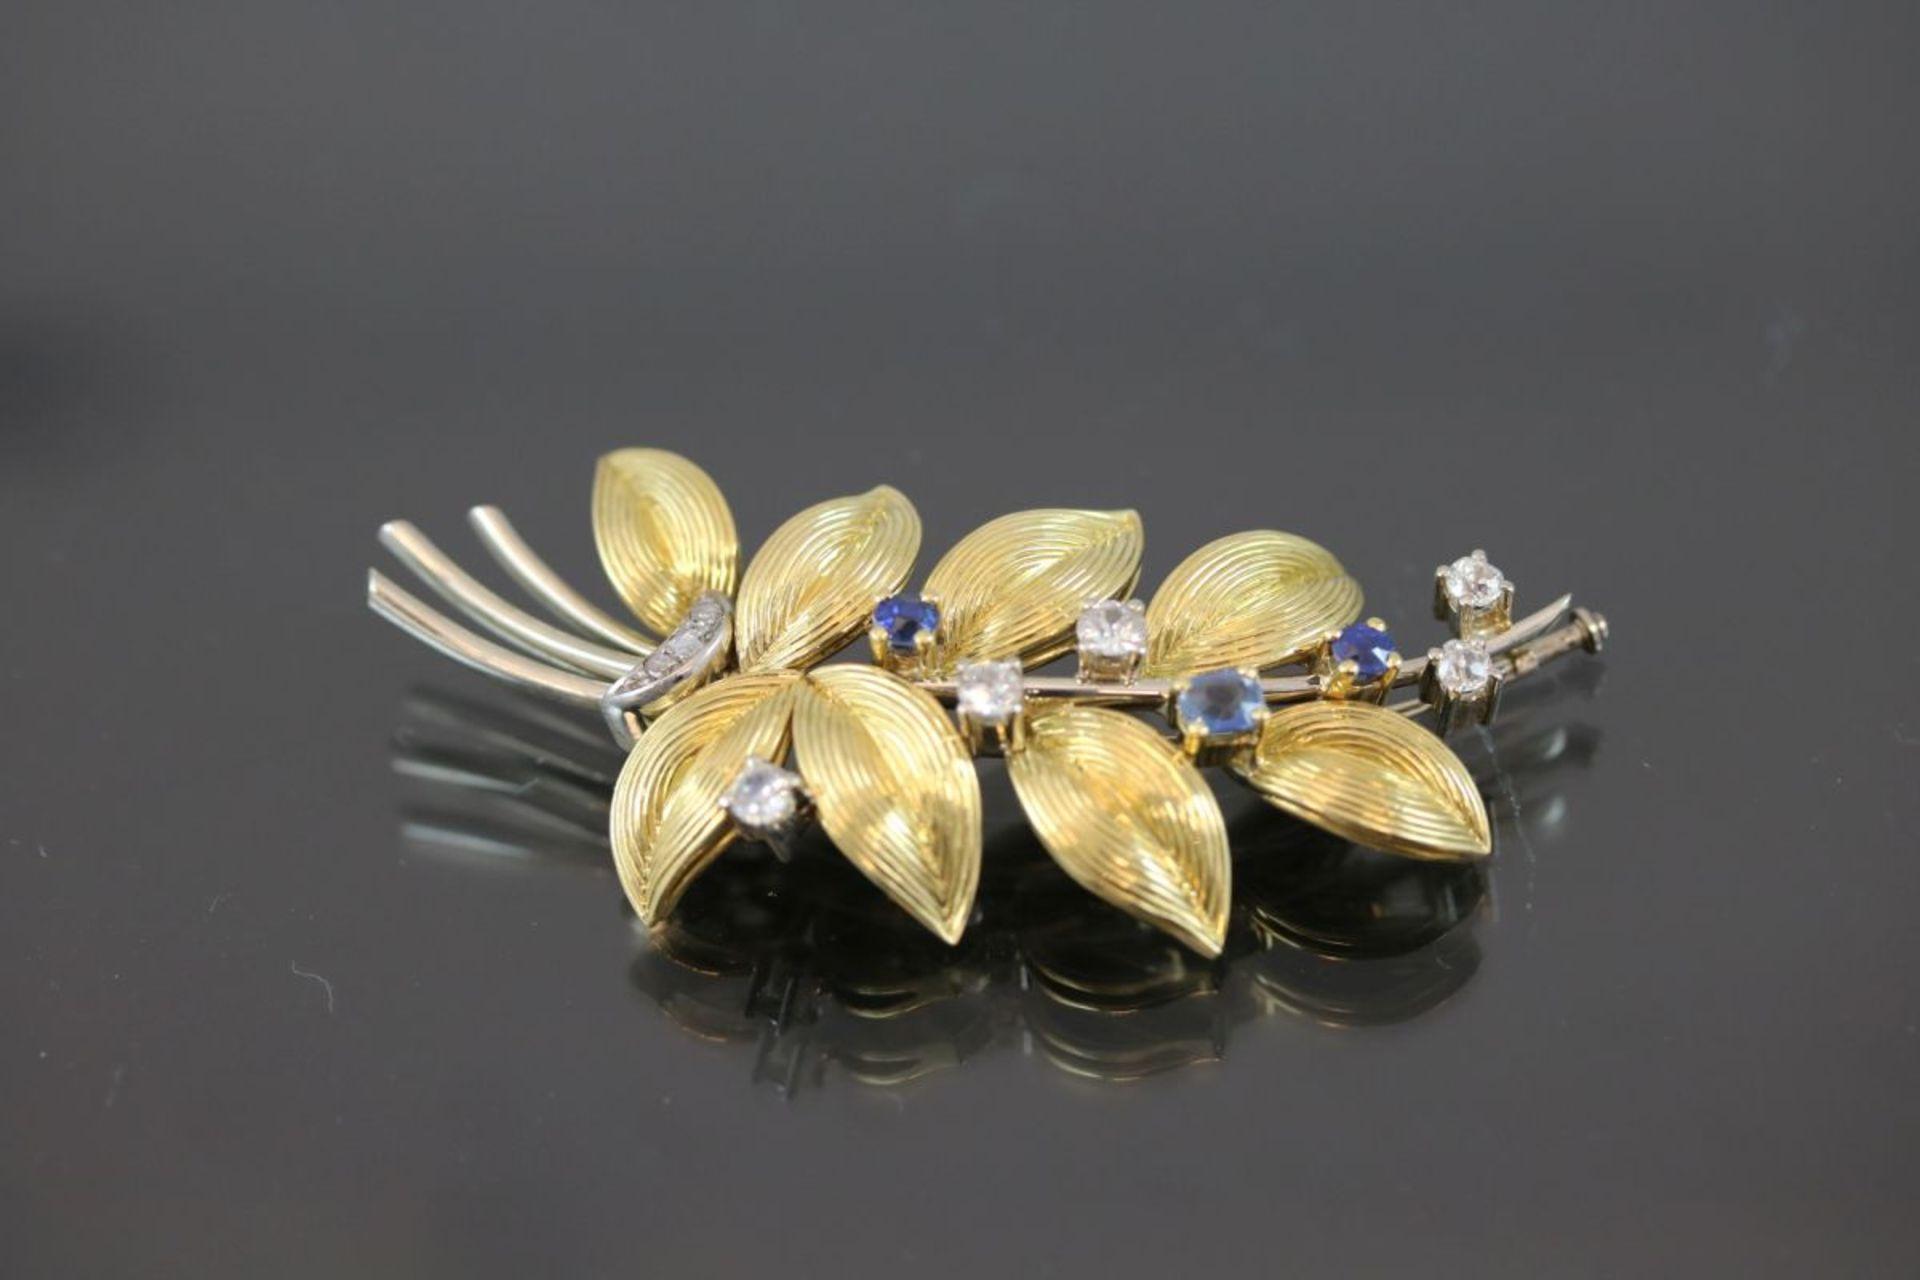 Saphir-Diamant-Brosche, 750 Gold15,6 Gramm 6 Diamanten, ca. 0,60 ct., tc/p1. Schätzpreis: 2000,-